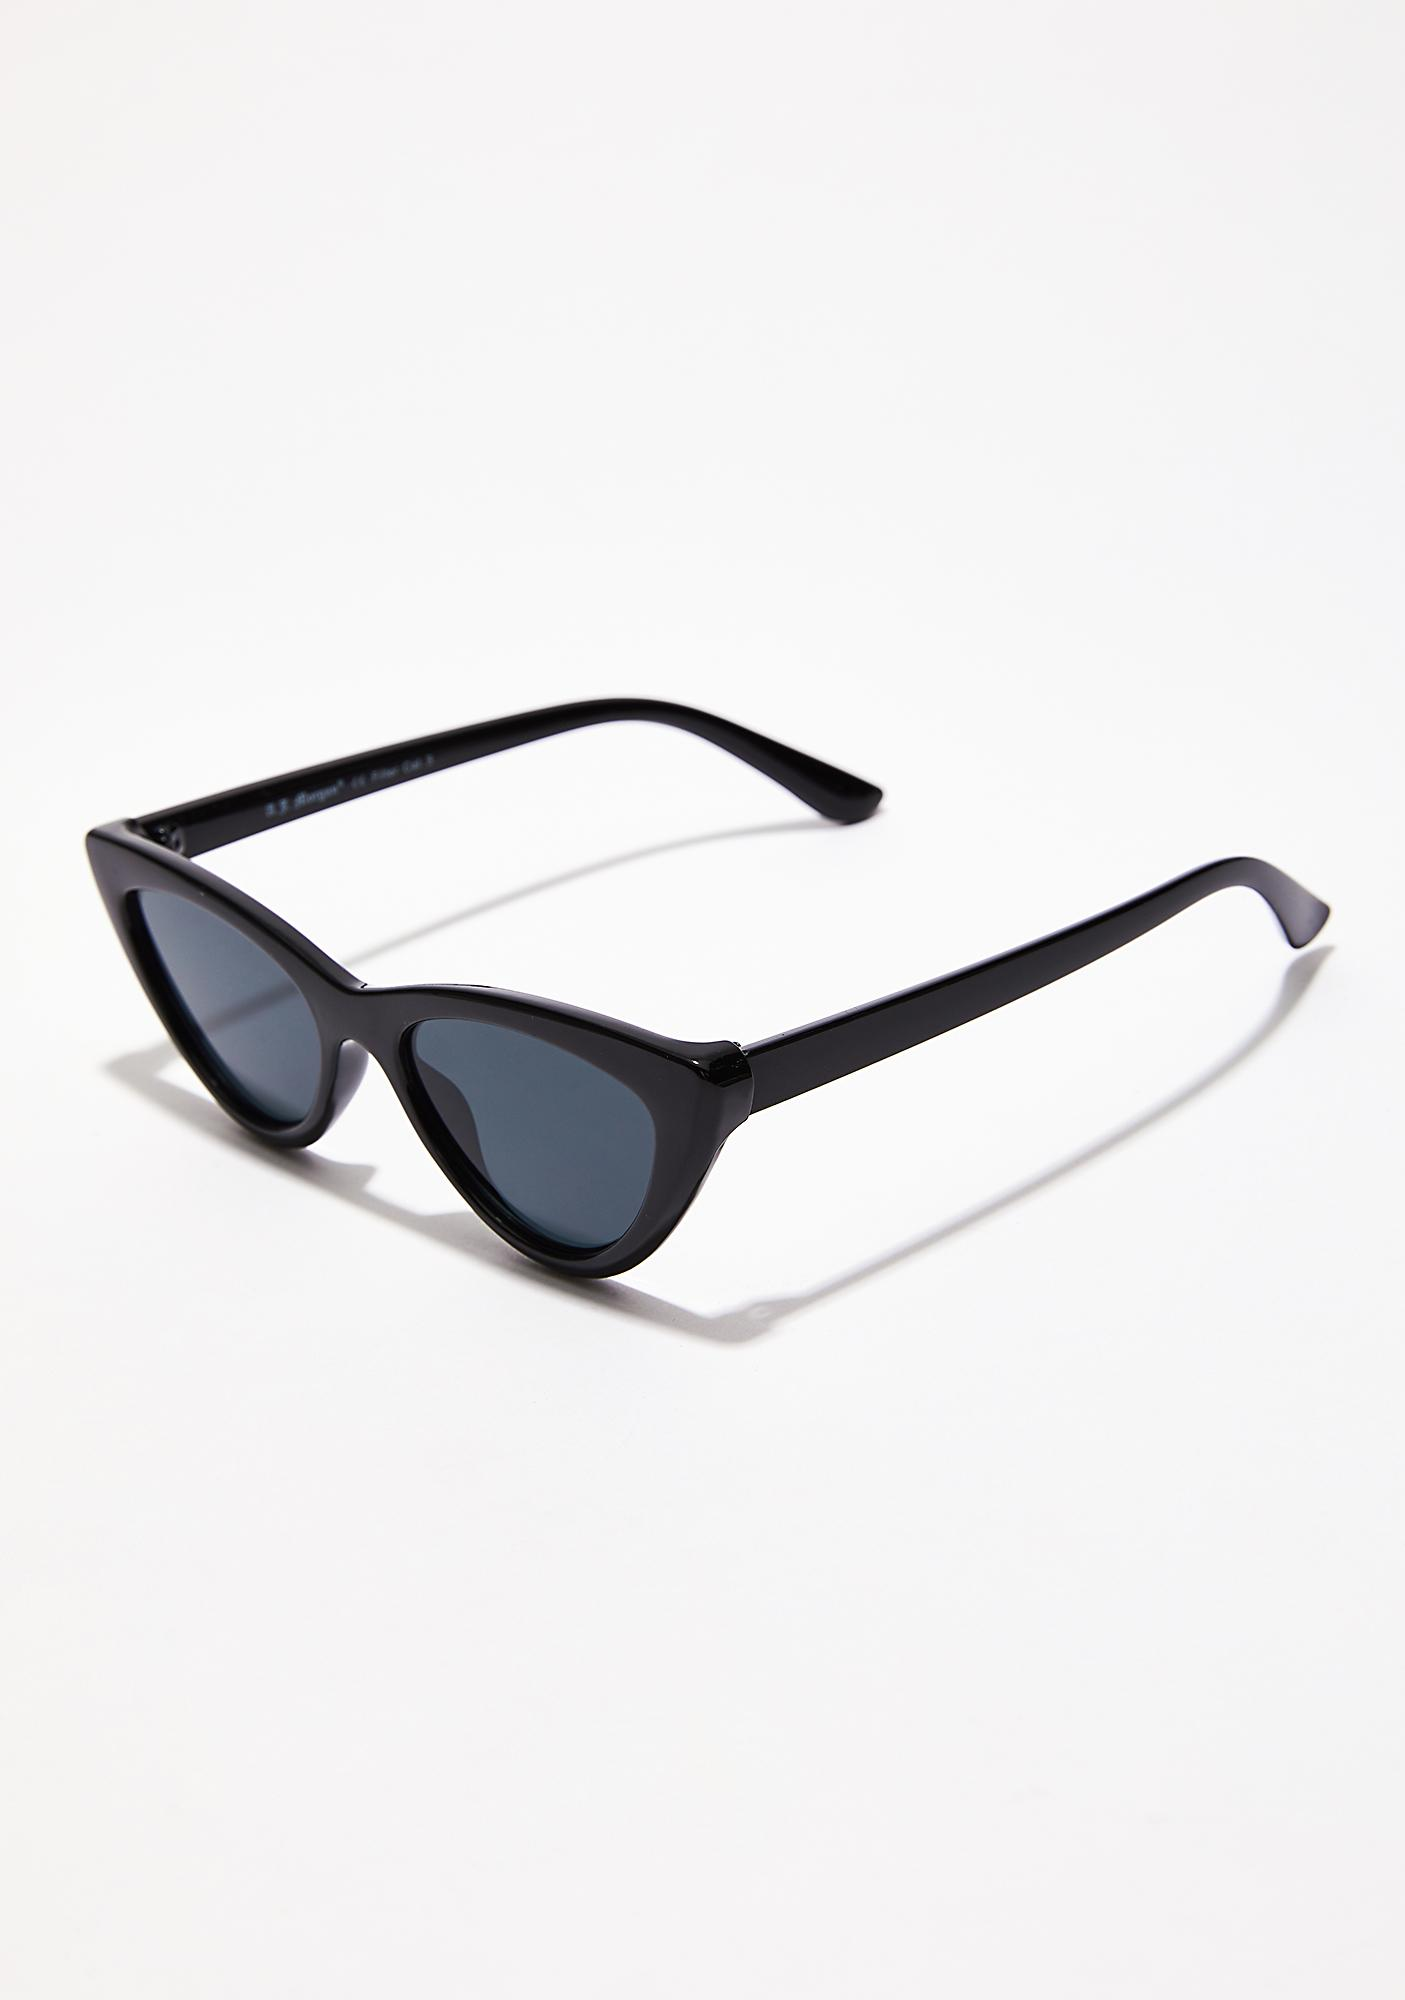 Dark Oh So Naughty Cat-Eye Sunglasses